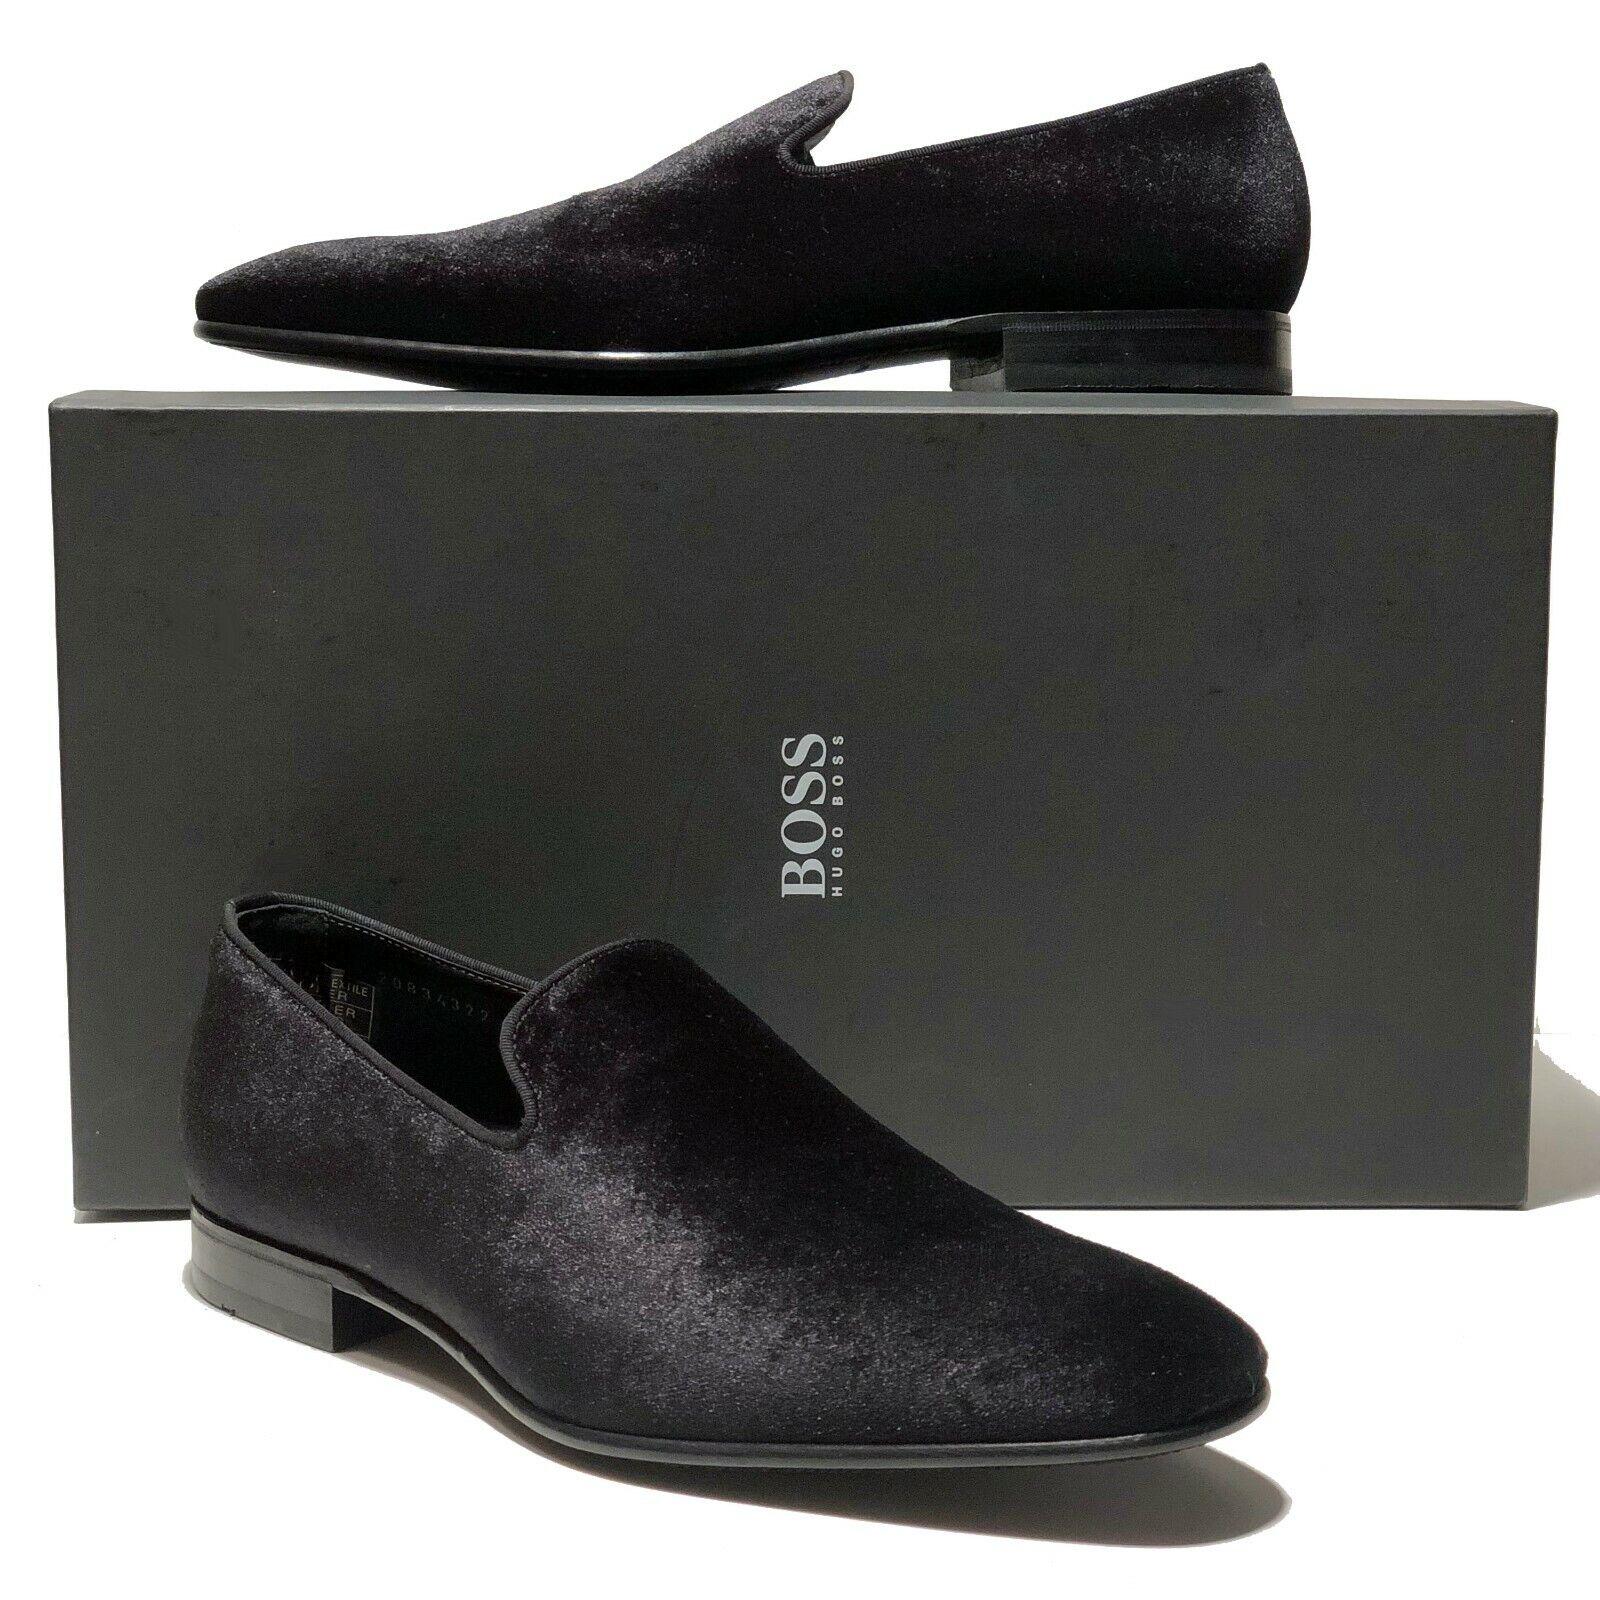 HUGO BOSS  Italia nero Velour Tuxedo Lofers 8.5 Dress scarpe Men's Fashion Velvet  shopping online di moda